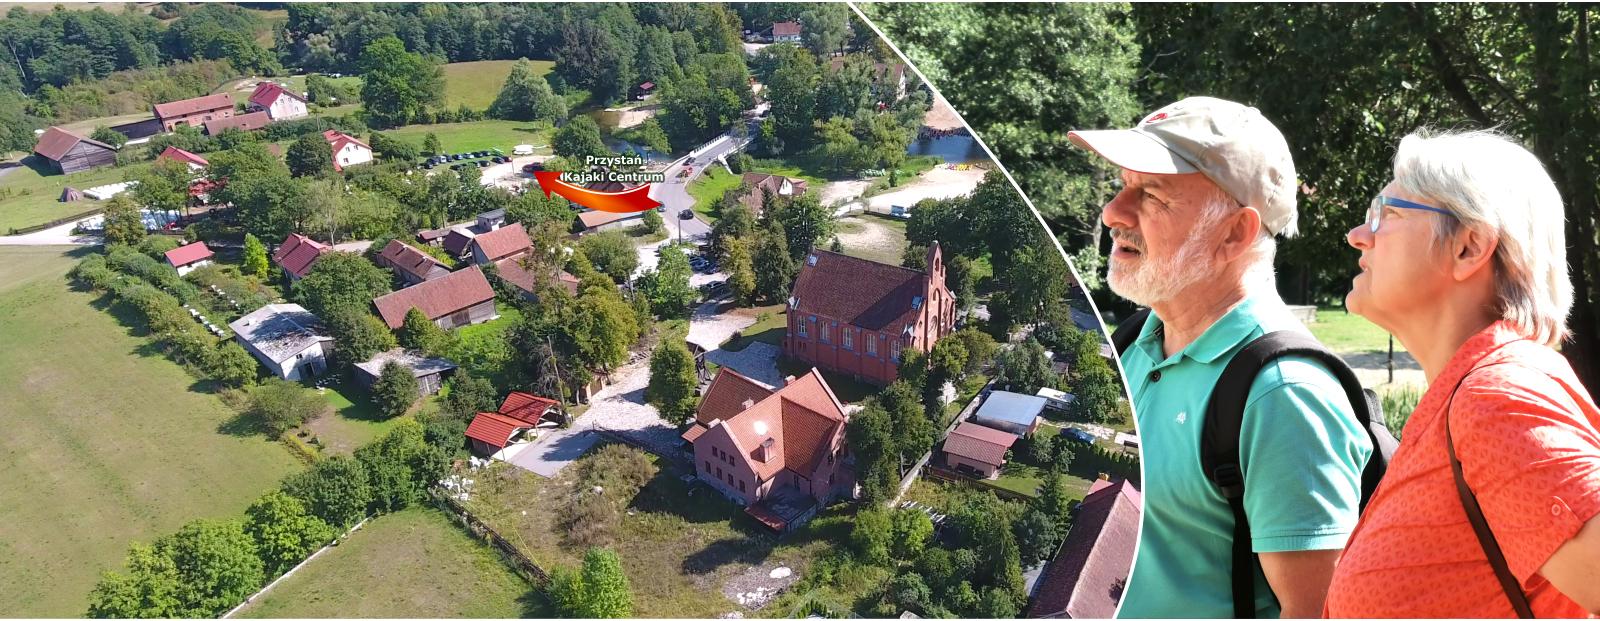 Kajaki Centrum, spływy kajakowe,, produkcja sprzętu pływającego, wypożyczalnie kajaków, Ukta, Mazury